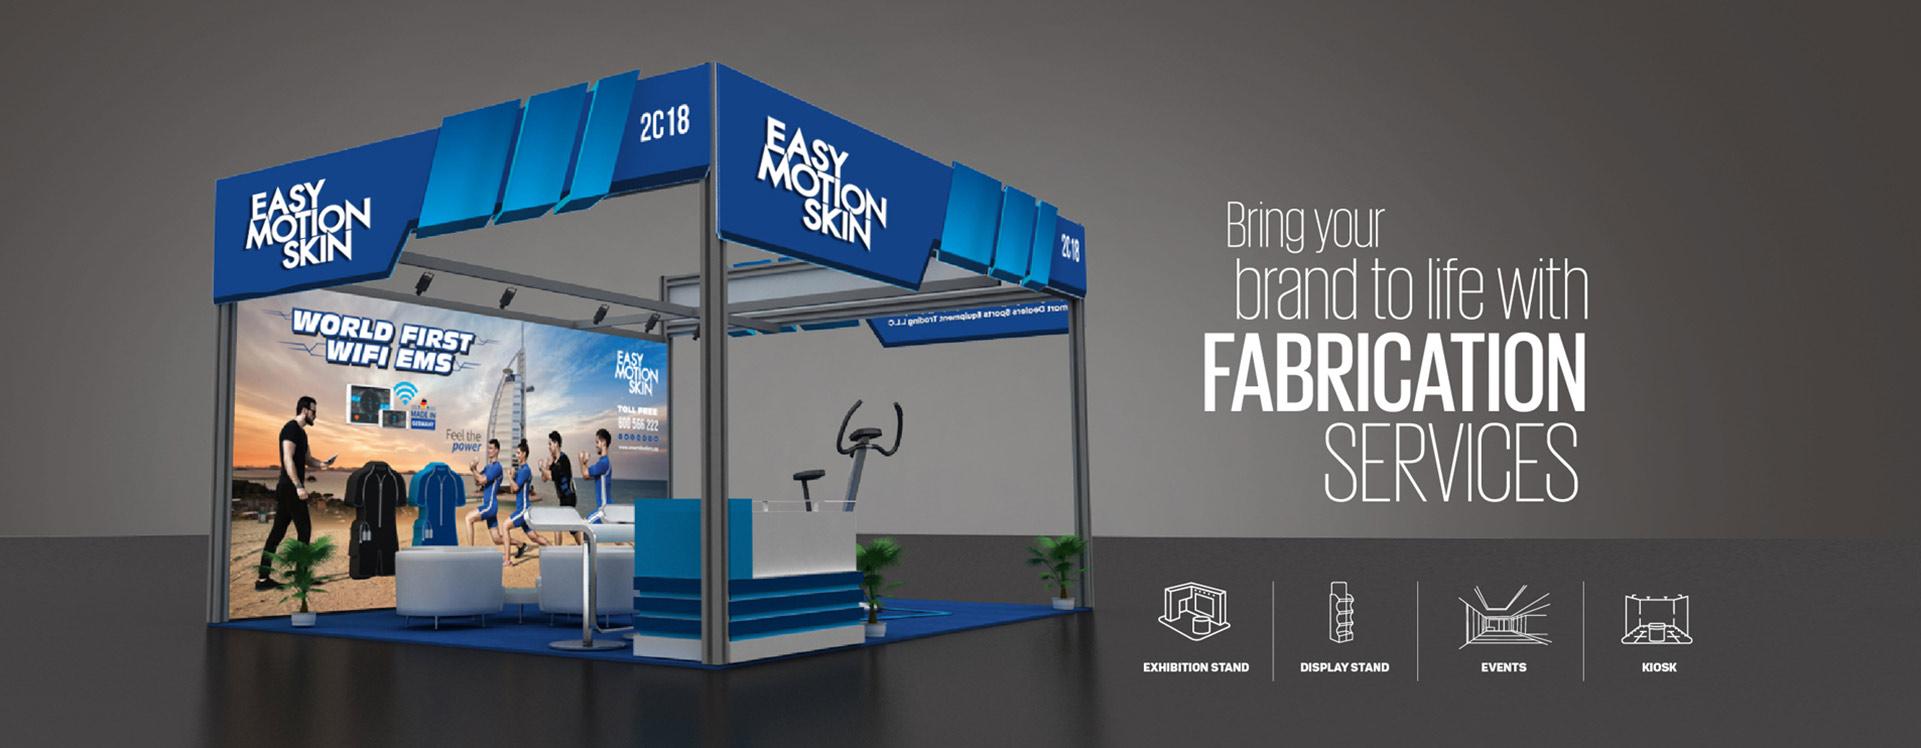 Fabrication Designing & Productions in Dubai, UAE